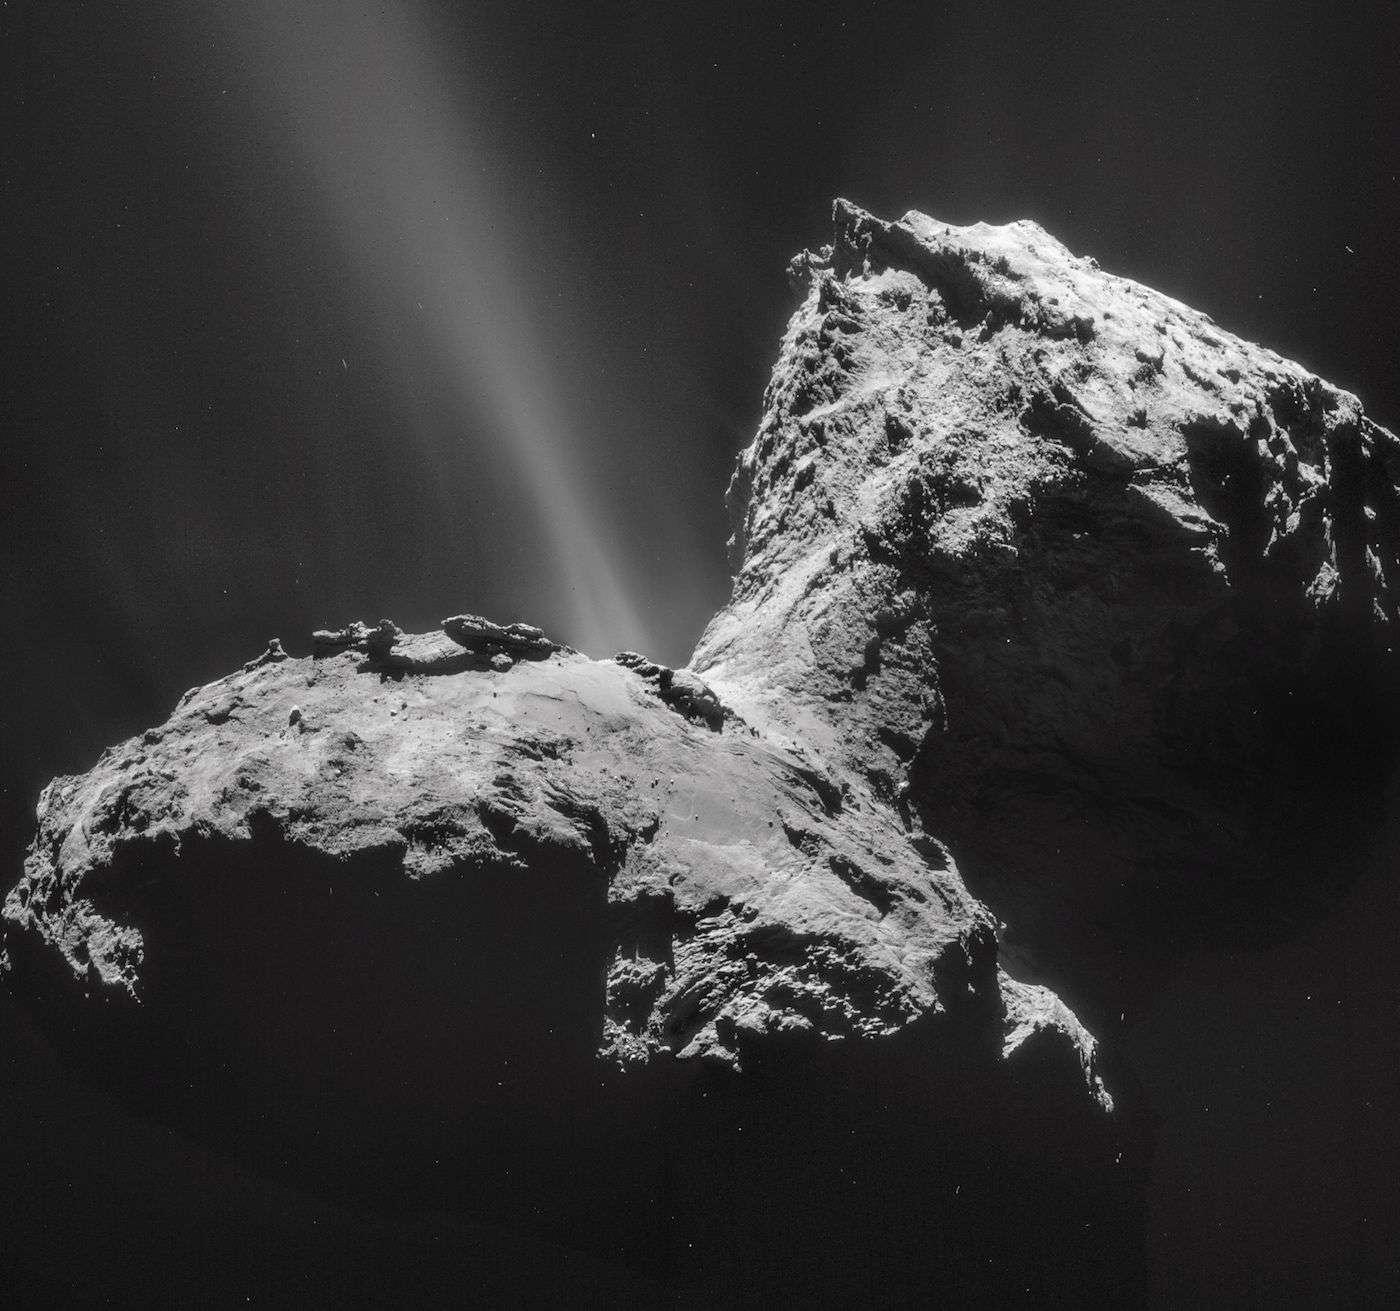 Tchouri photographiée avec la NavCam de Rosetta le 31 janvier 2015 (mosaïque de 4 images). L'activité la plus forte est observée dans la région du cou. © Esa, Rosetta, NavCam – CC BY-SA IGO 3.0